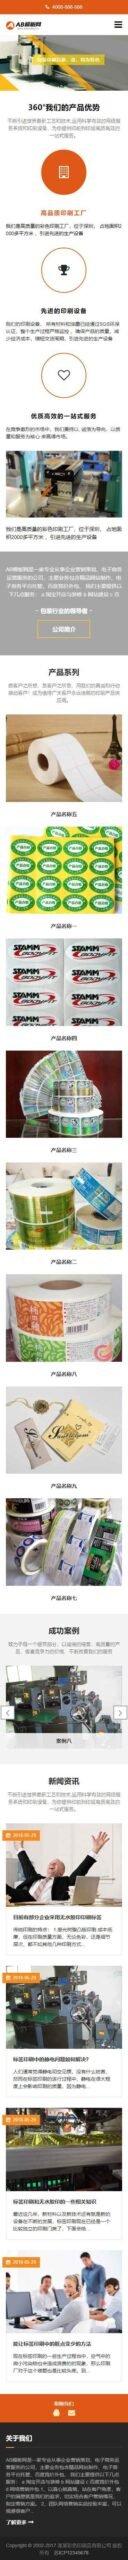 彩色包装印刷企业网站织梦dede模板源码[自适应手机版]插图1